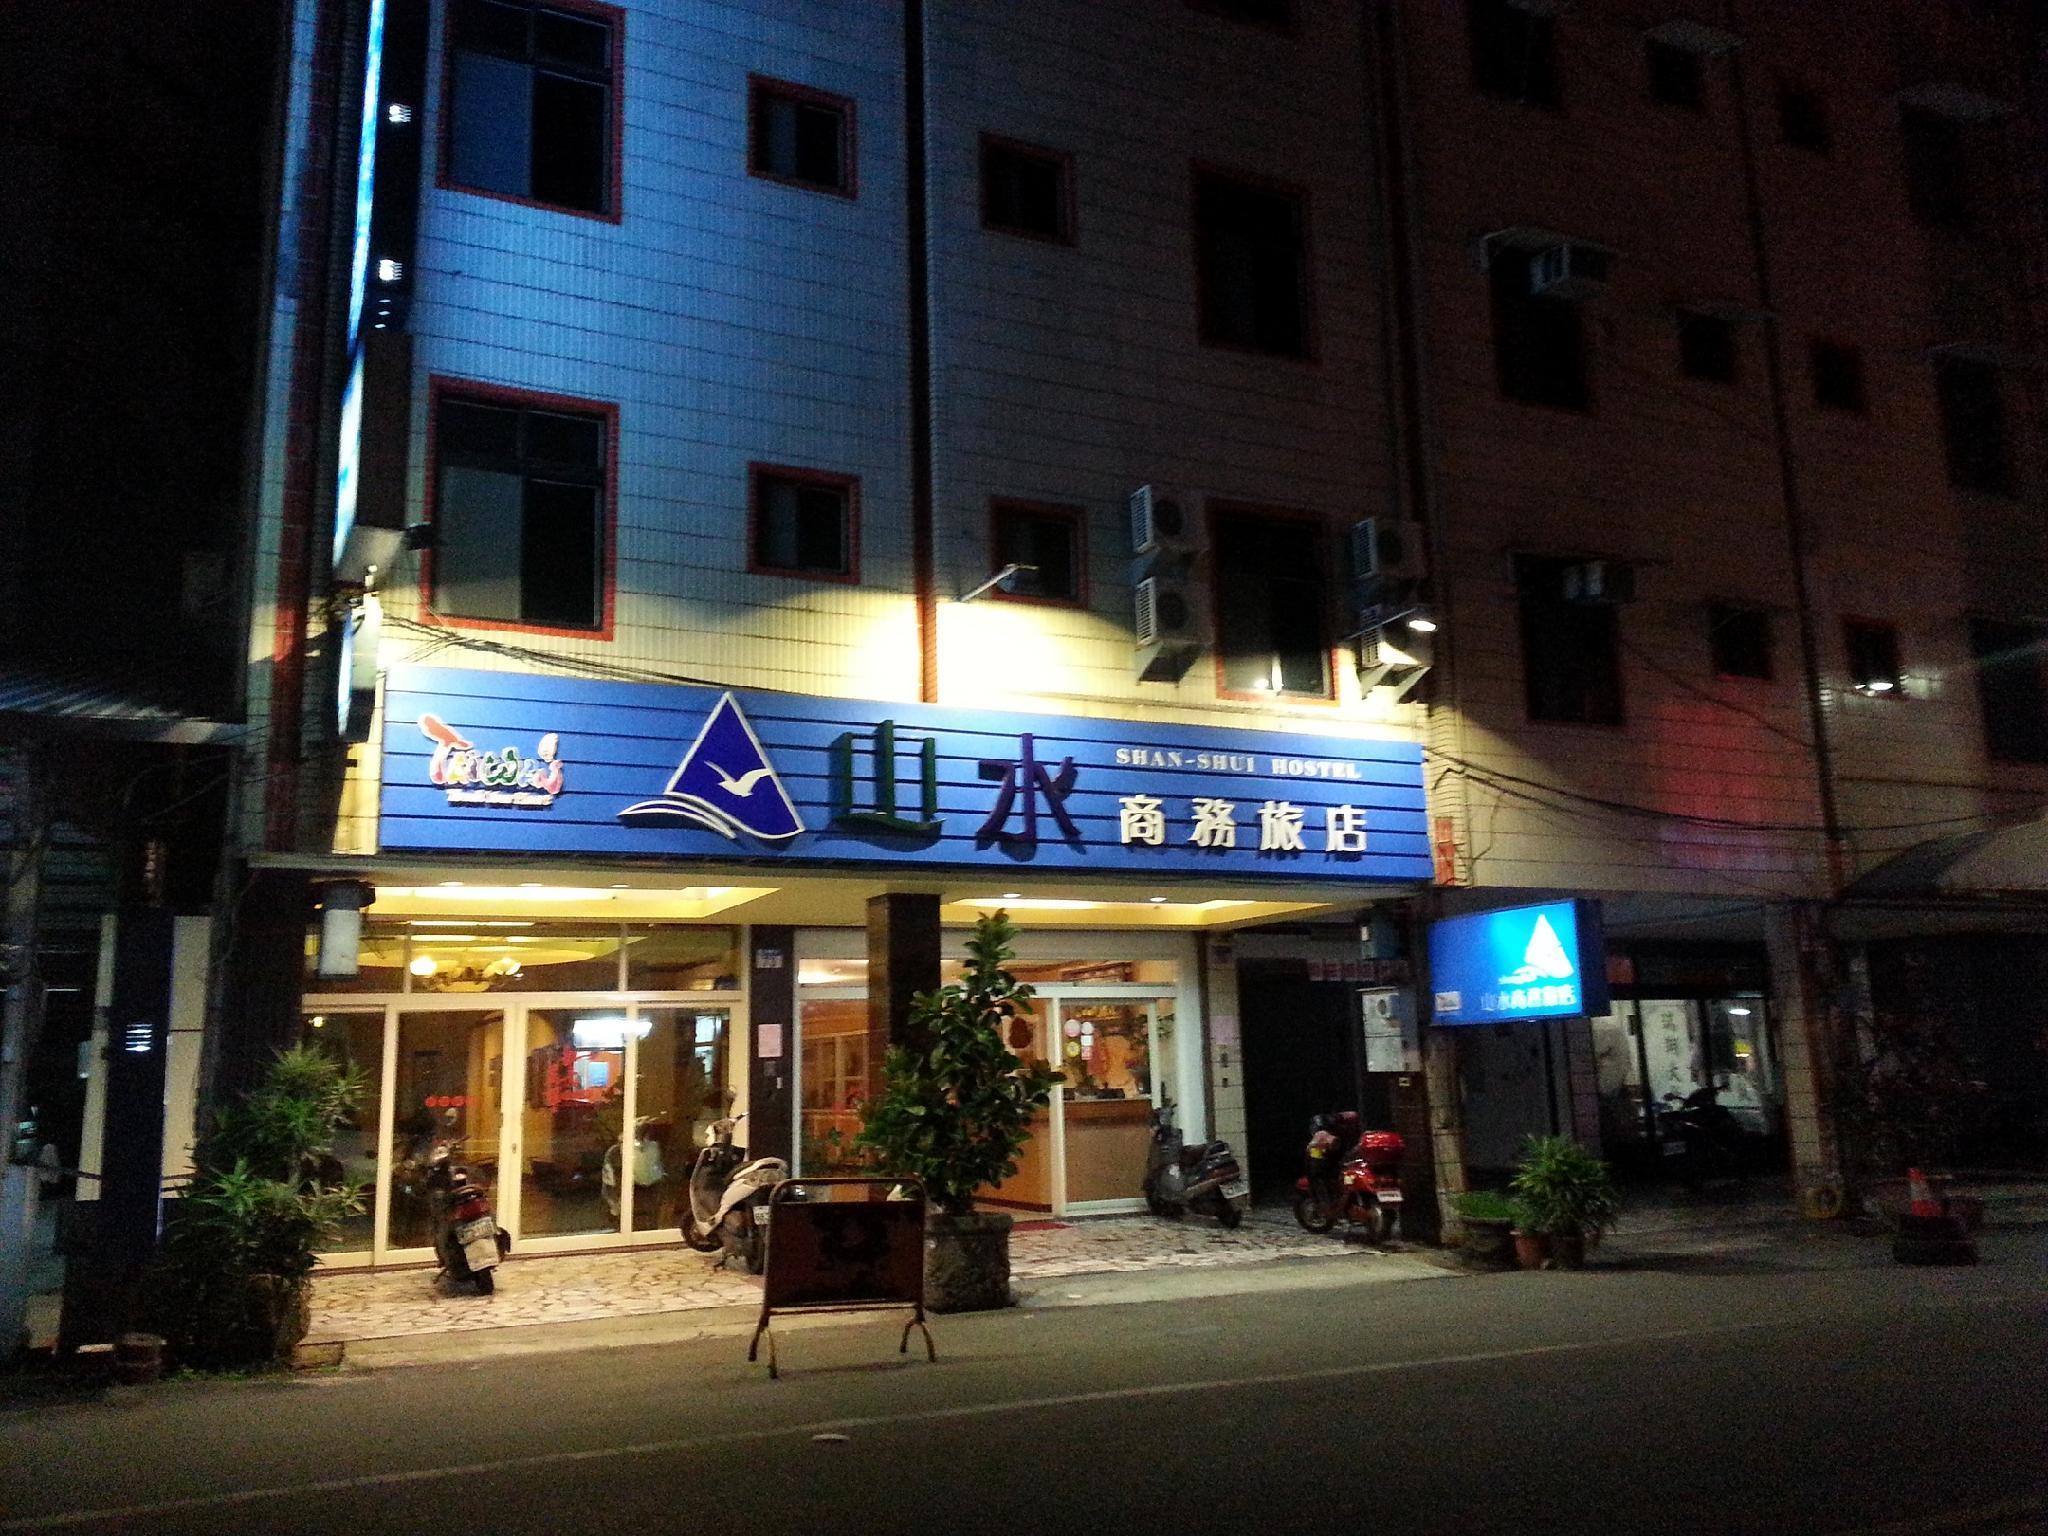 Shan Shui Hotel Hualien